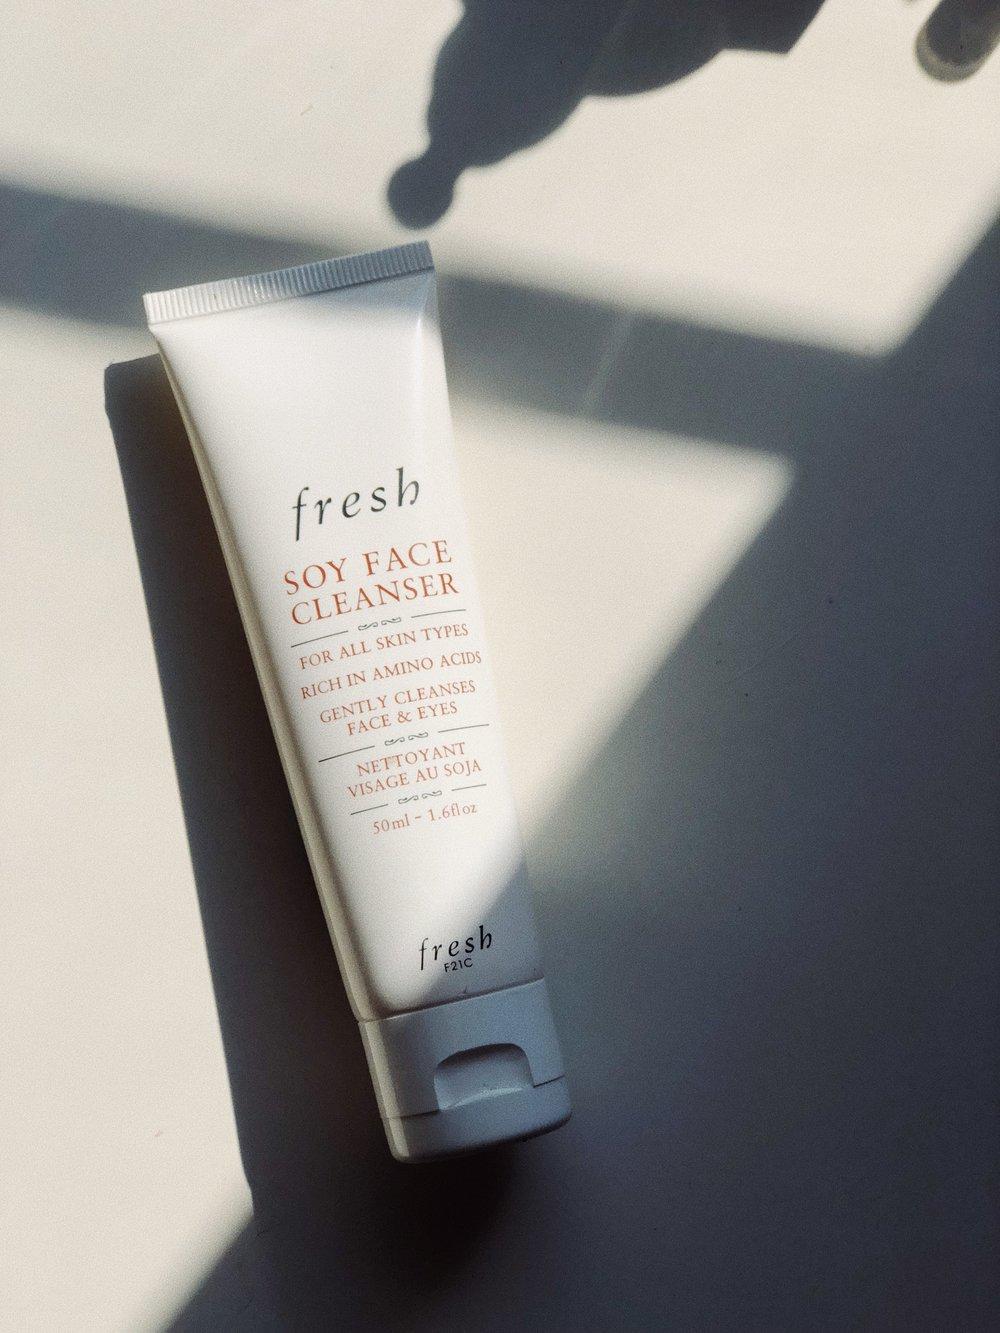 fresh-soy-face-cleanser.JPG